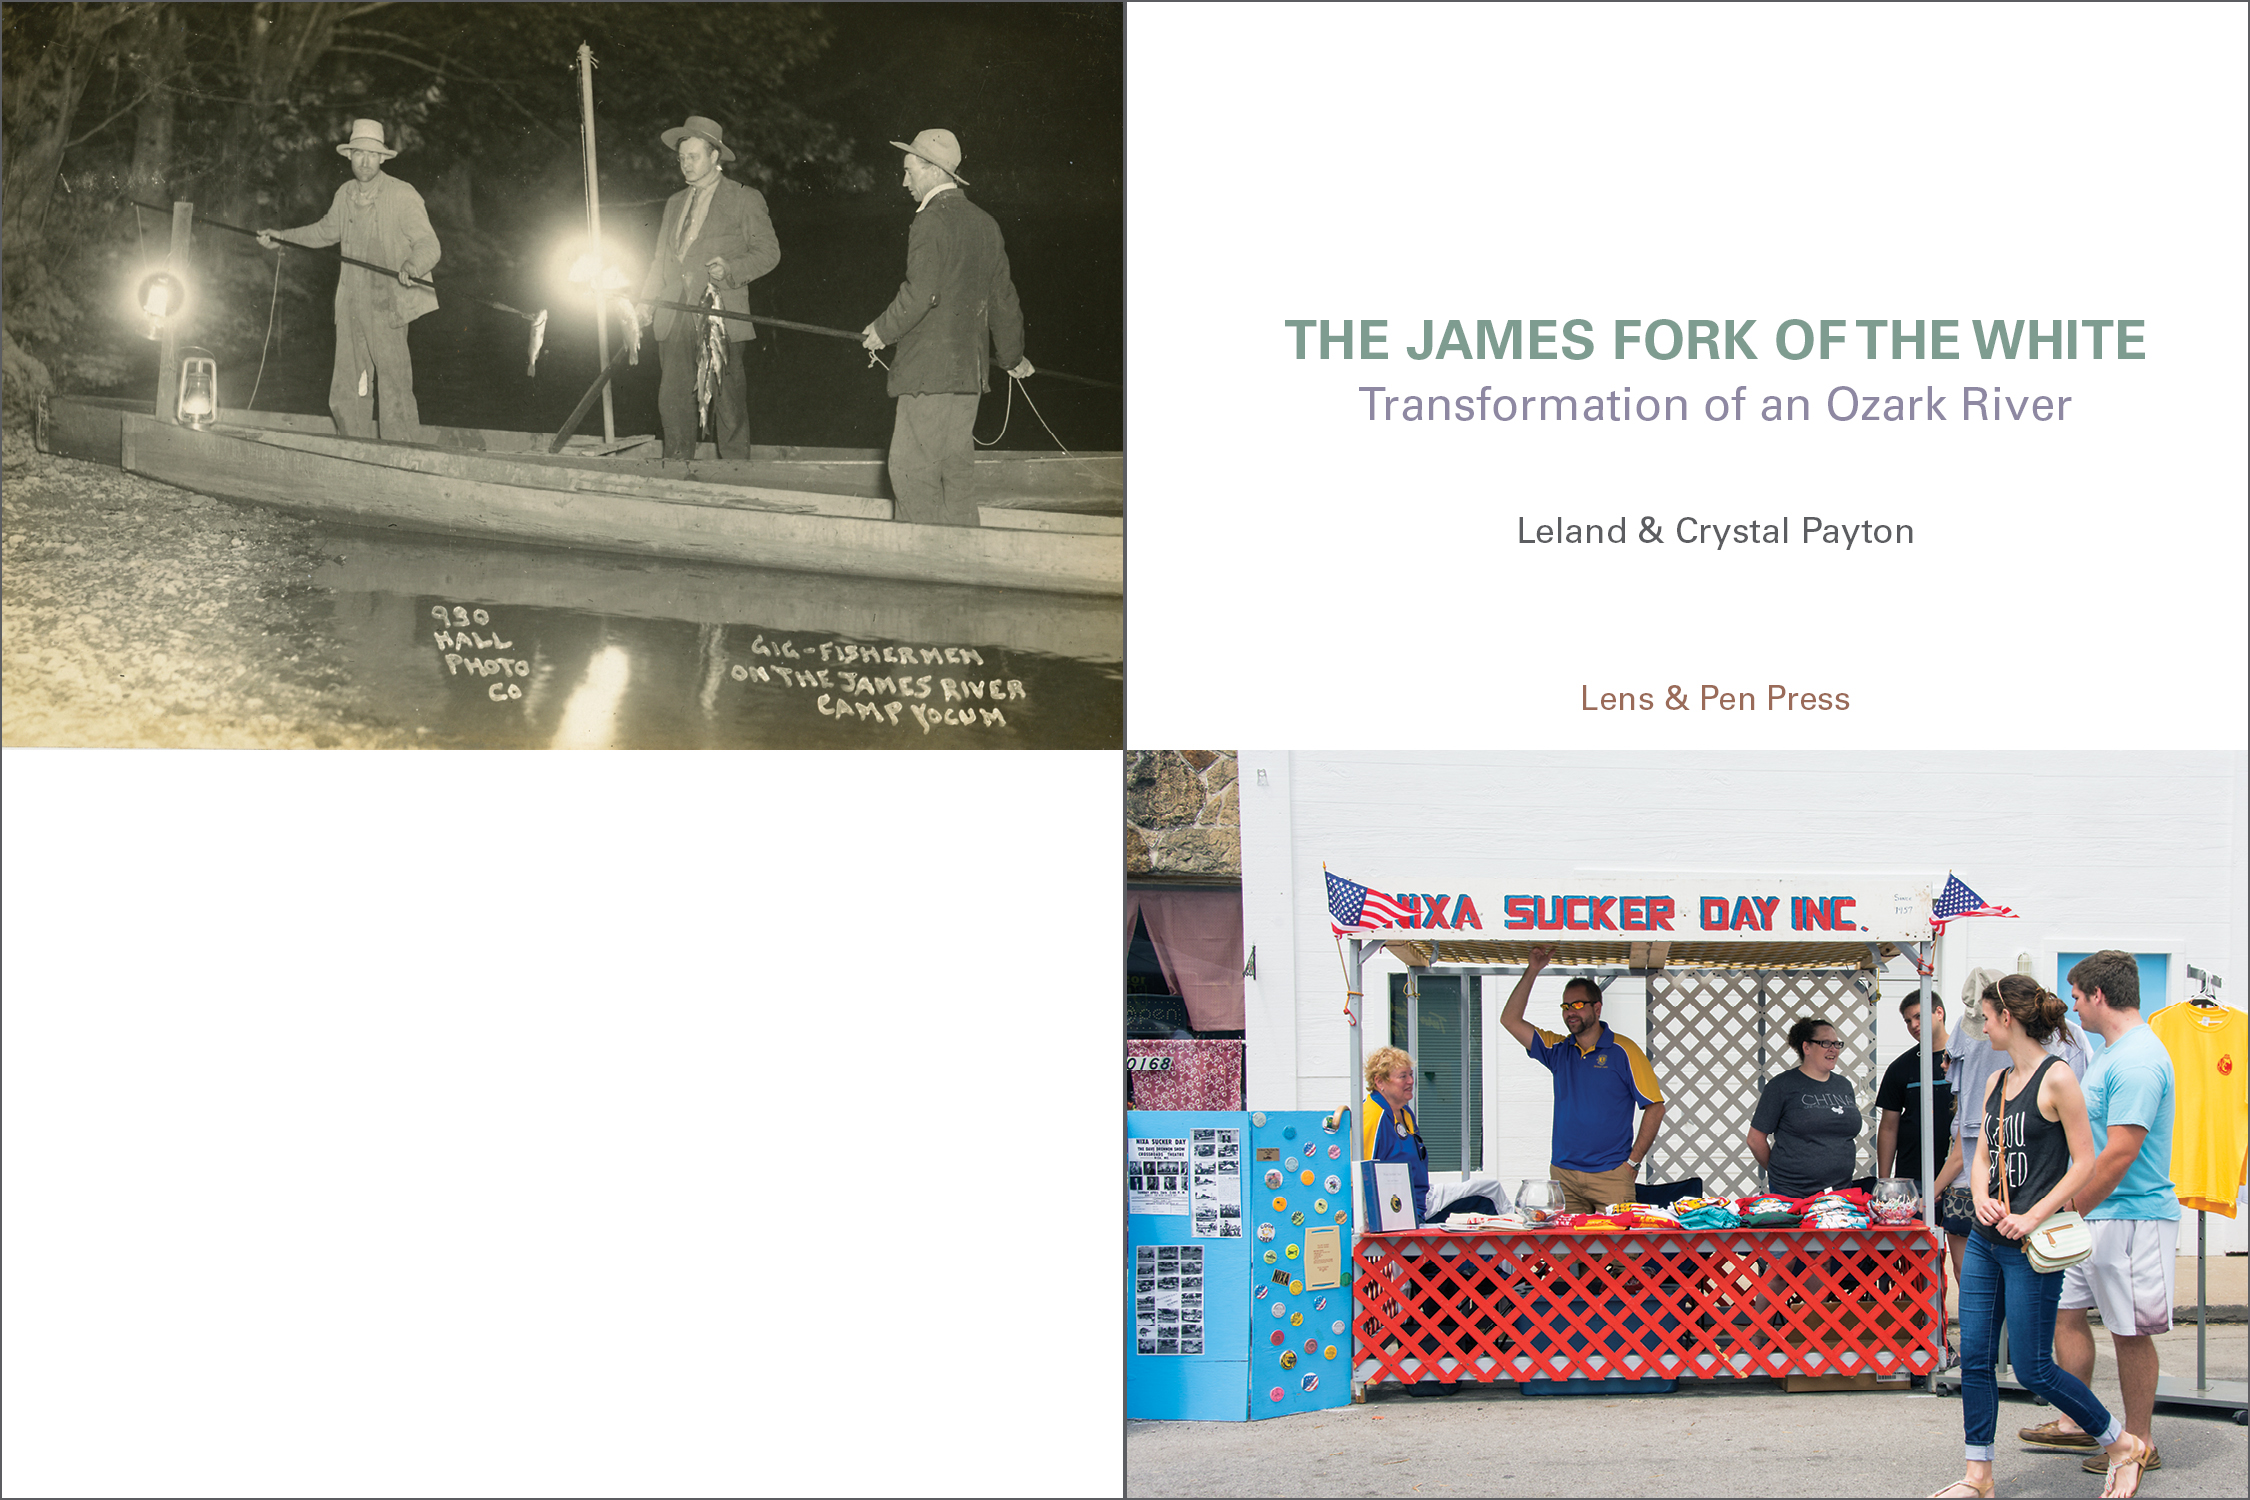 James Fork of the White – Lens & Pen Press